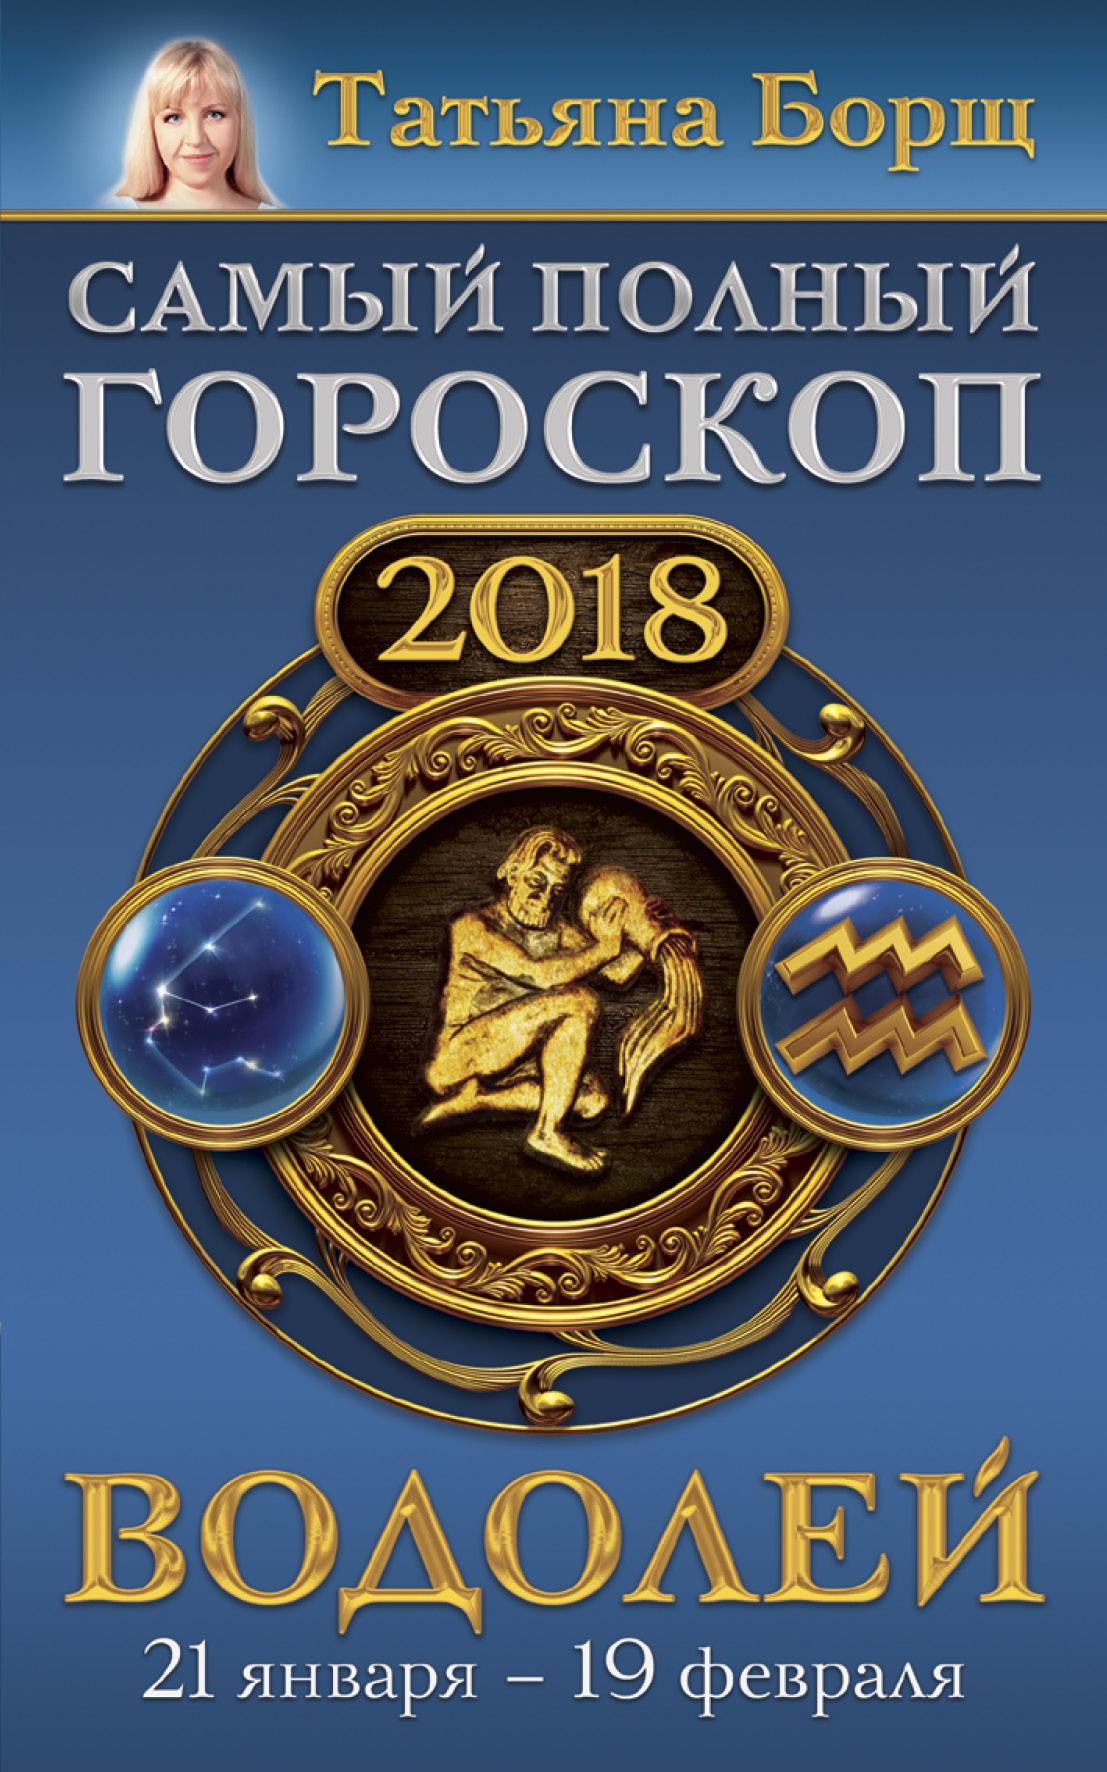 Водолей. Самый полный гороскоп на 2018 год. 21 января - 19 февраля